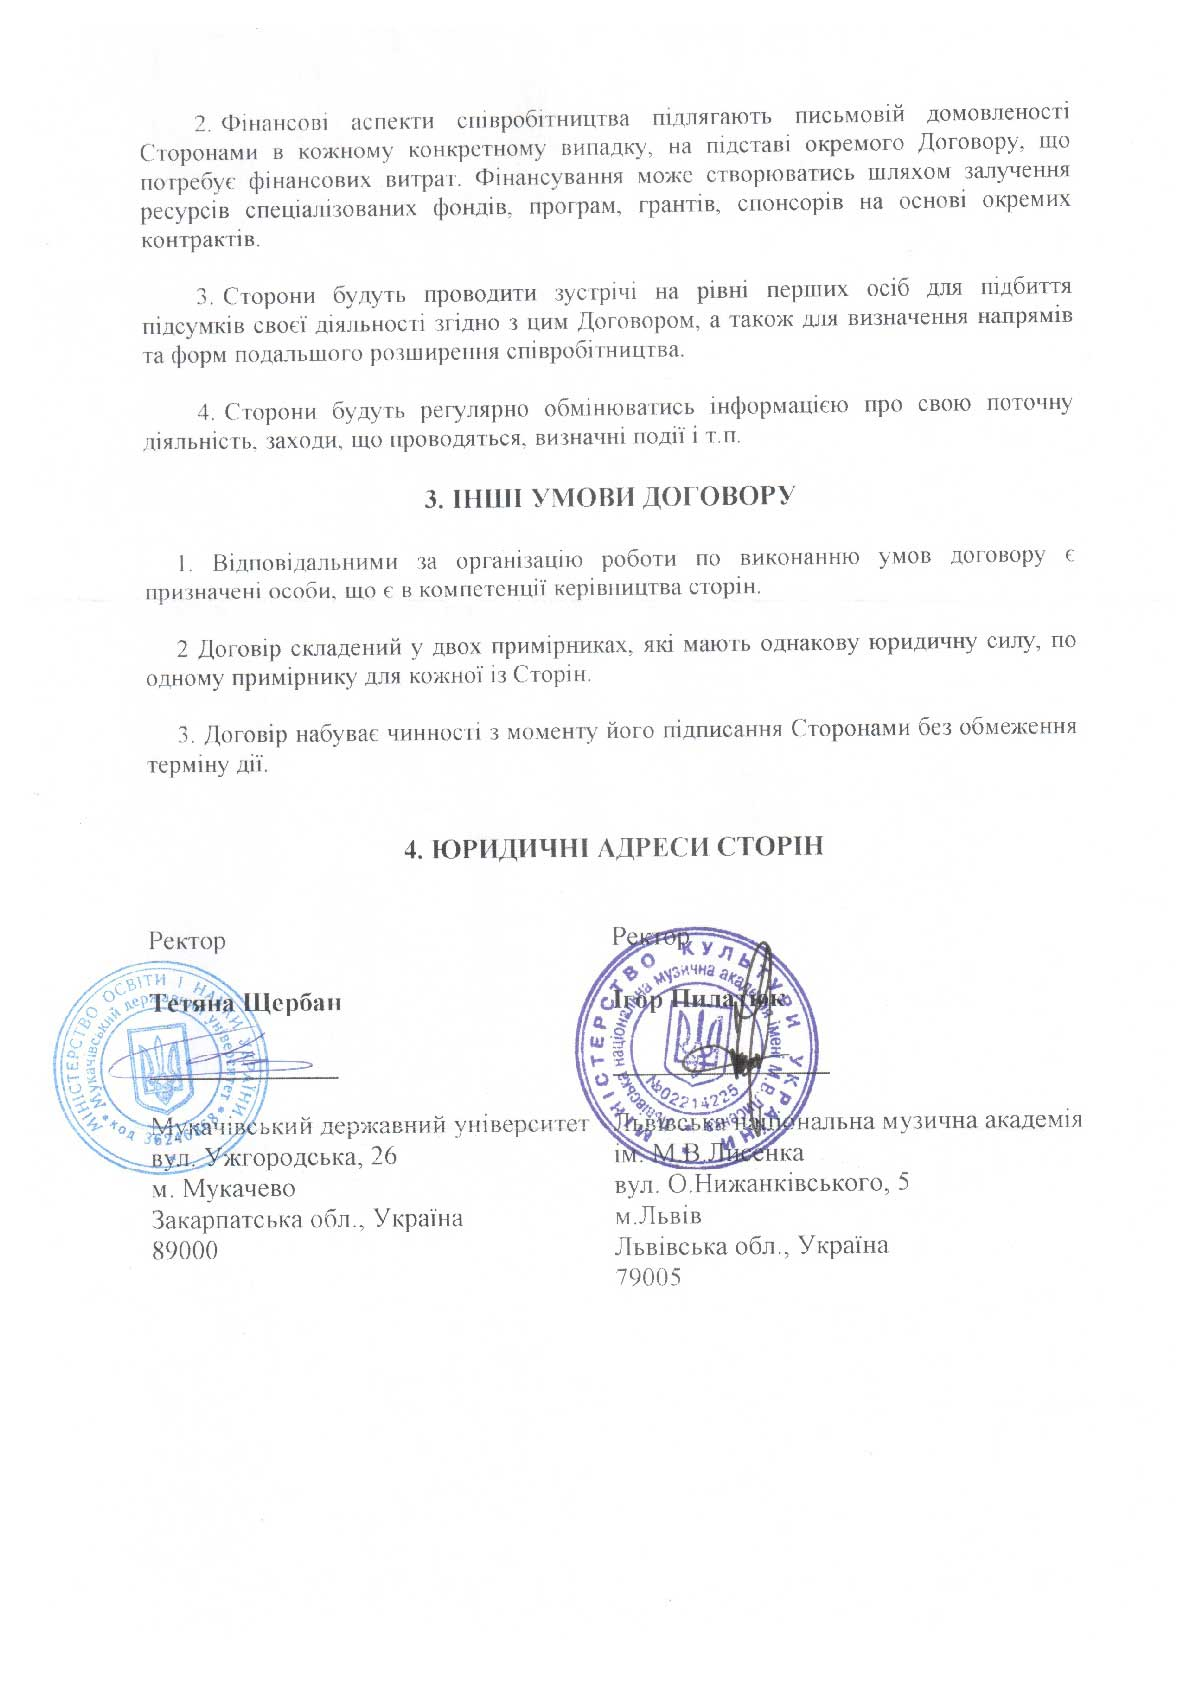 Договір про співпрацю між Мукачівським університетом та Львівською академією мистецтв